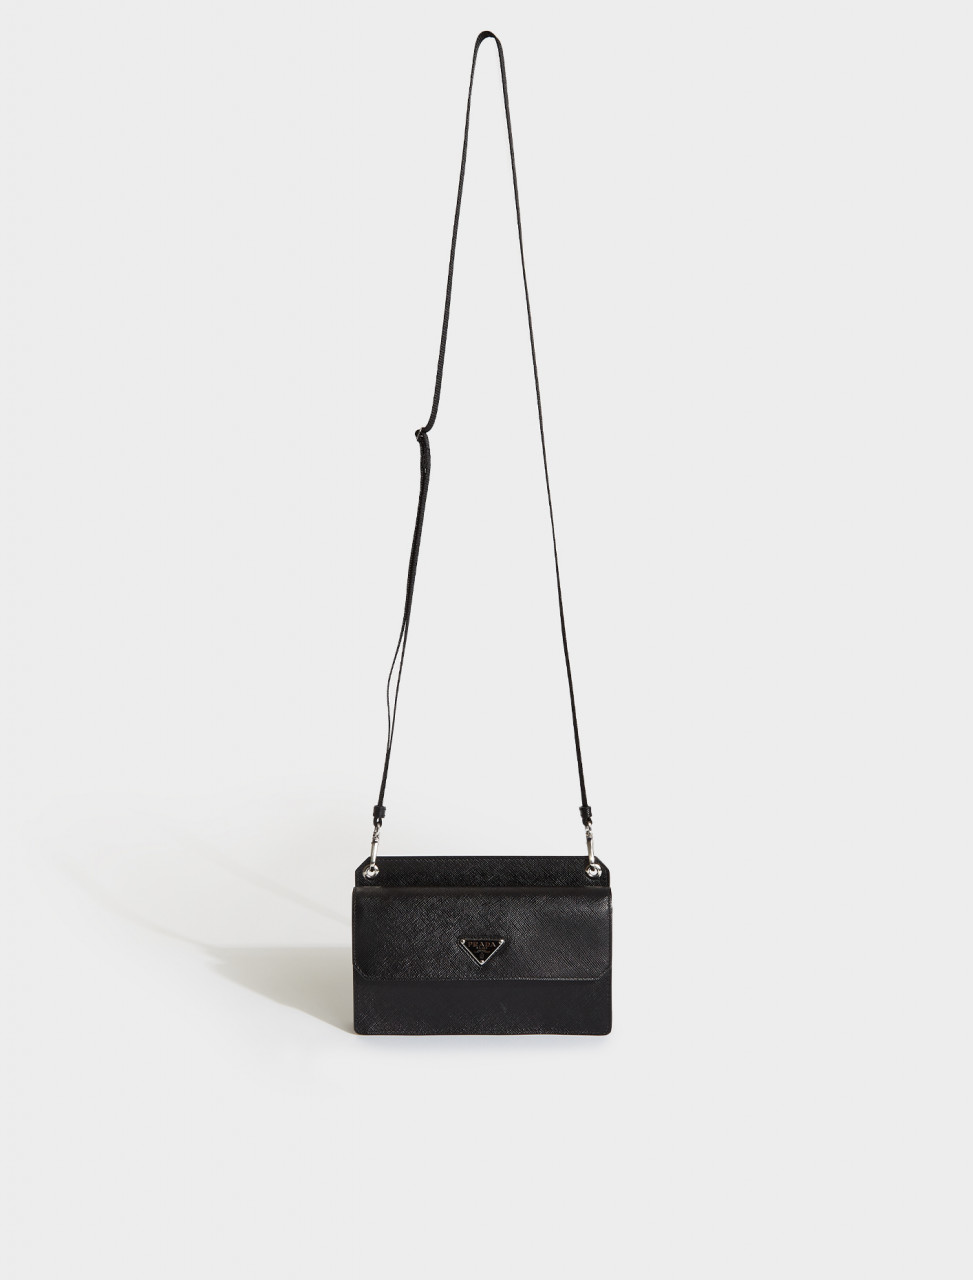 2ZH107-F0002 PRADA Saffiano Leather Smartphone Case in Black